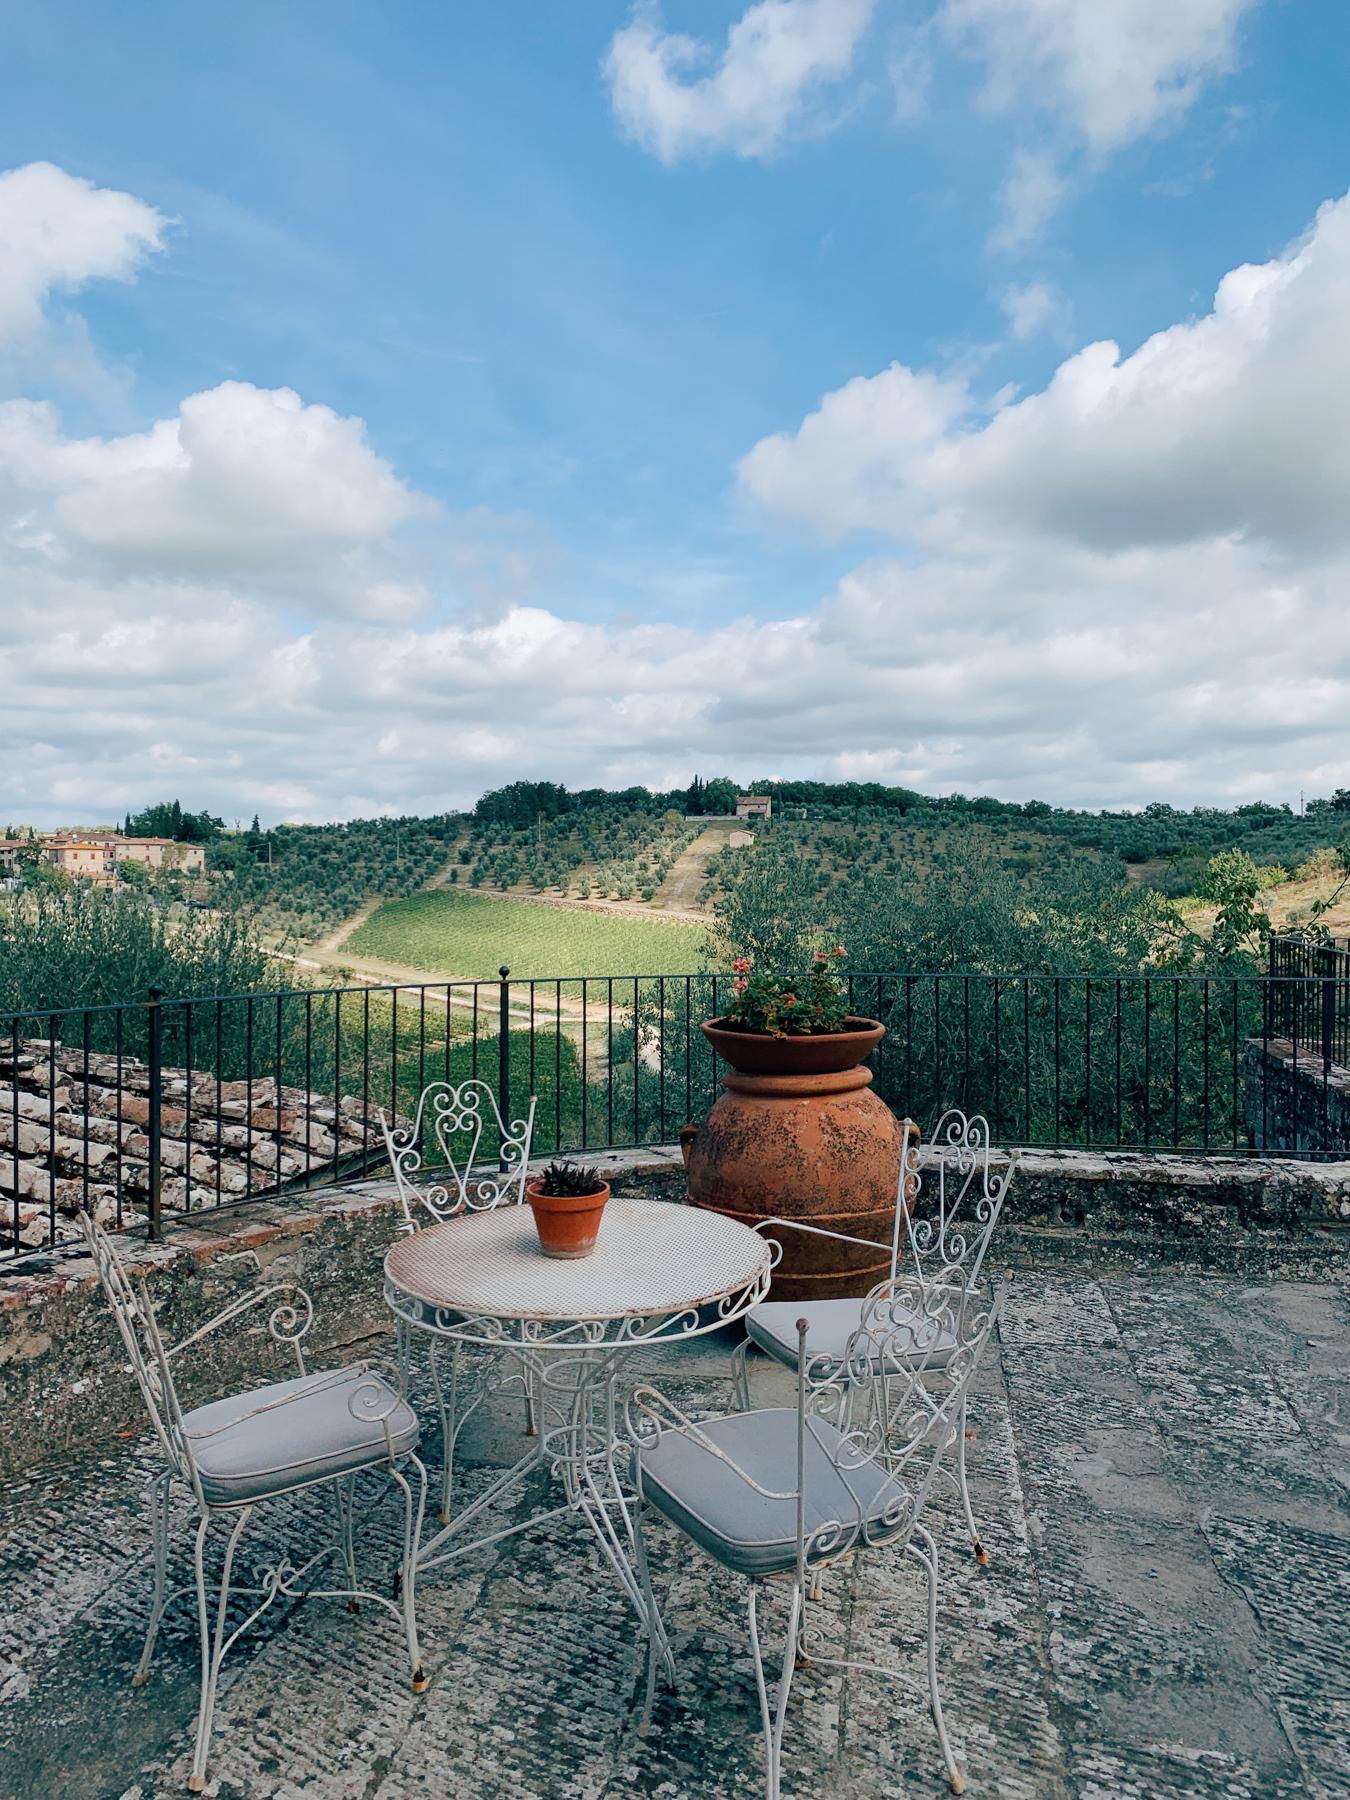 The back patio at Castello di Ama.